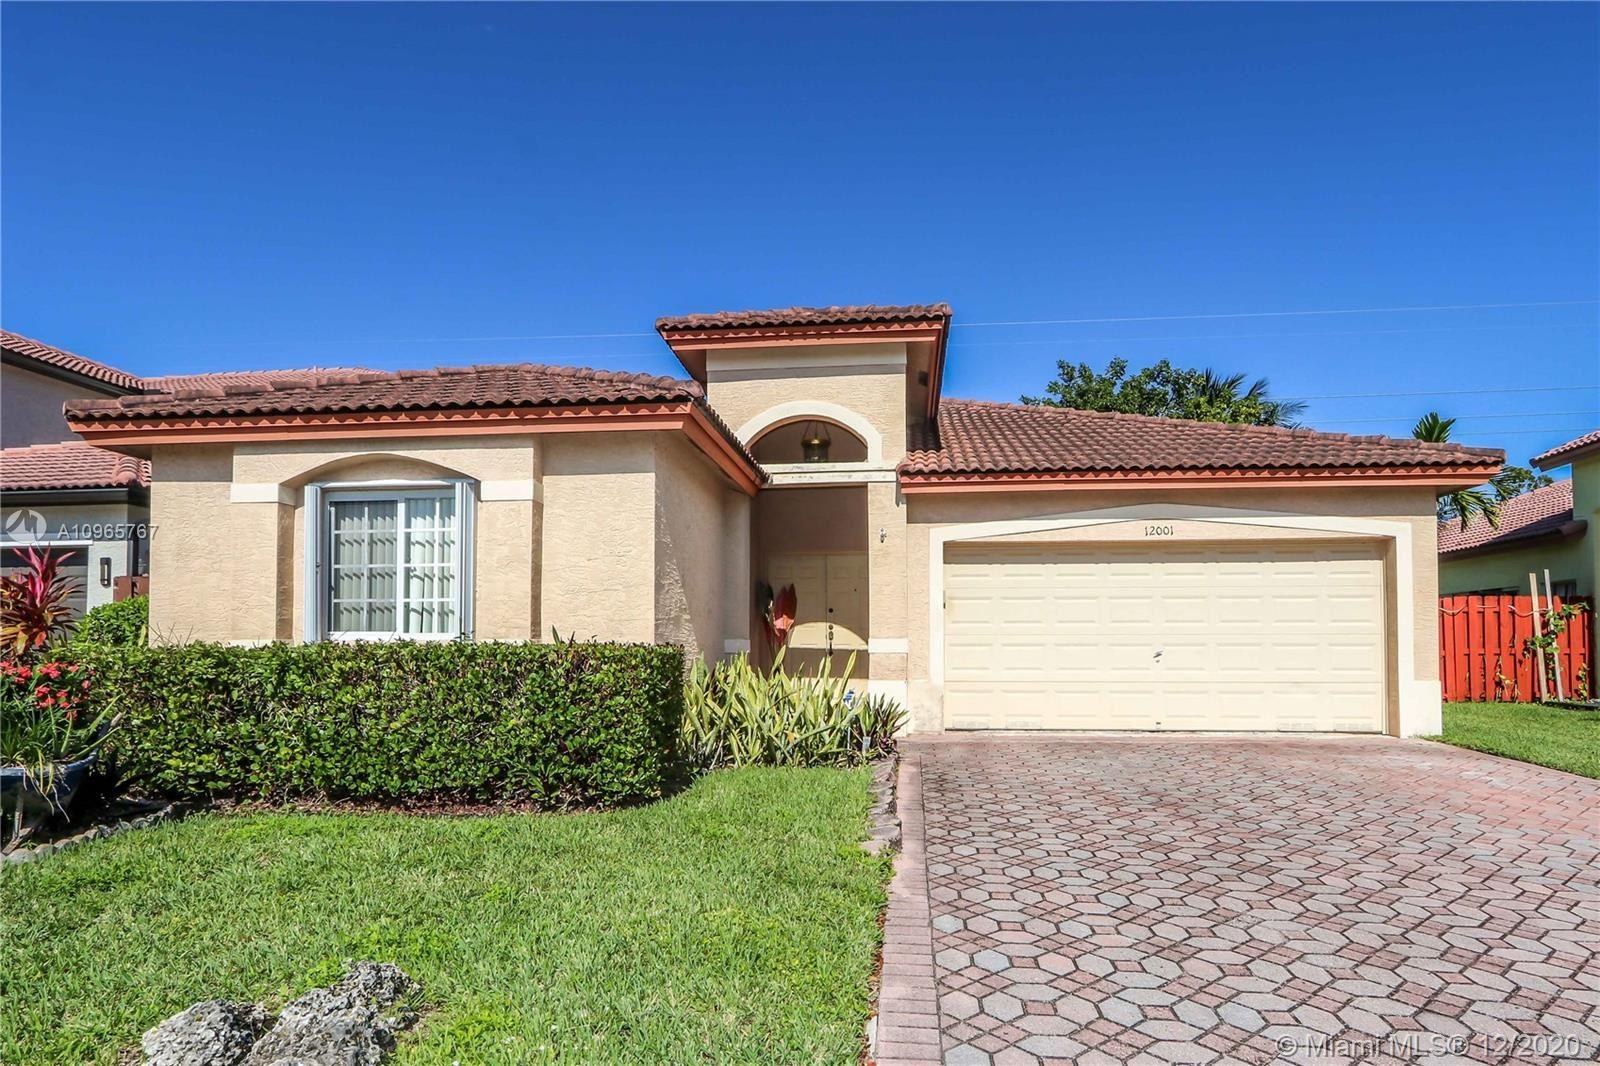 12001 SW 133rd Ter, Miami, FL 33186 - #: A10965767